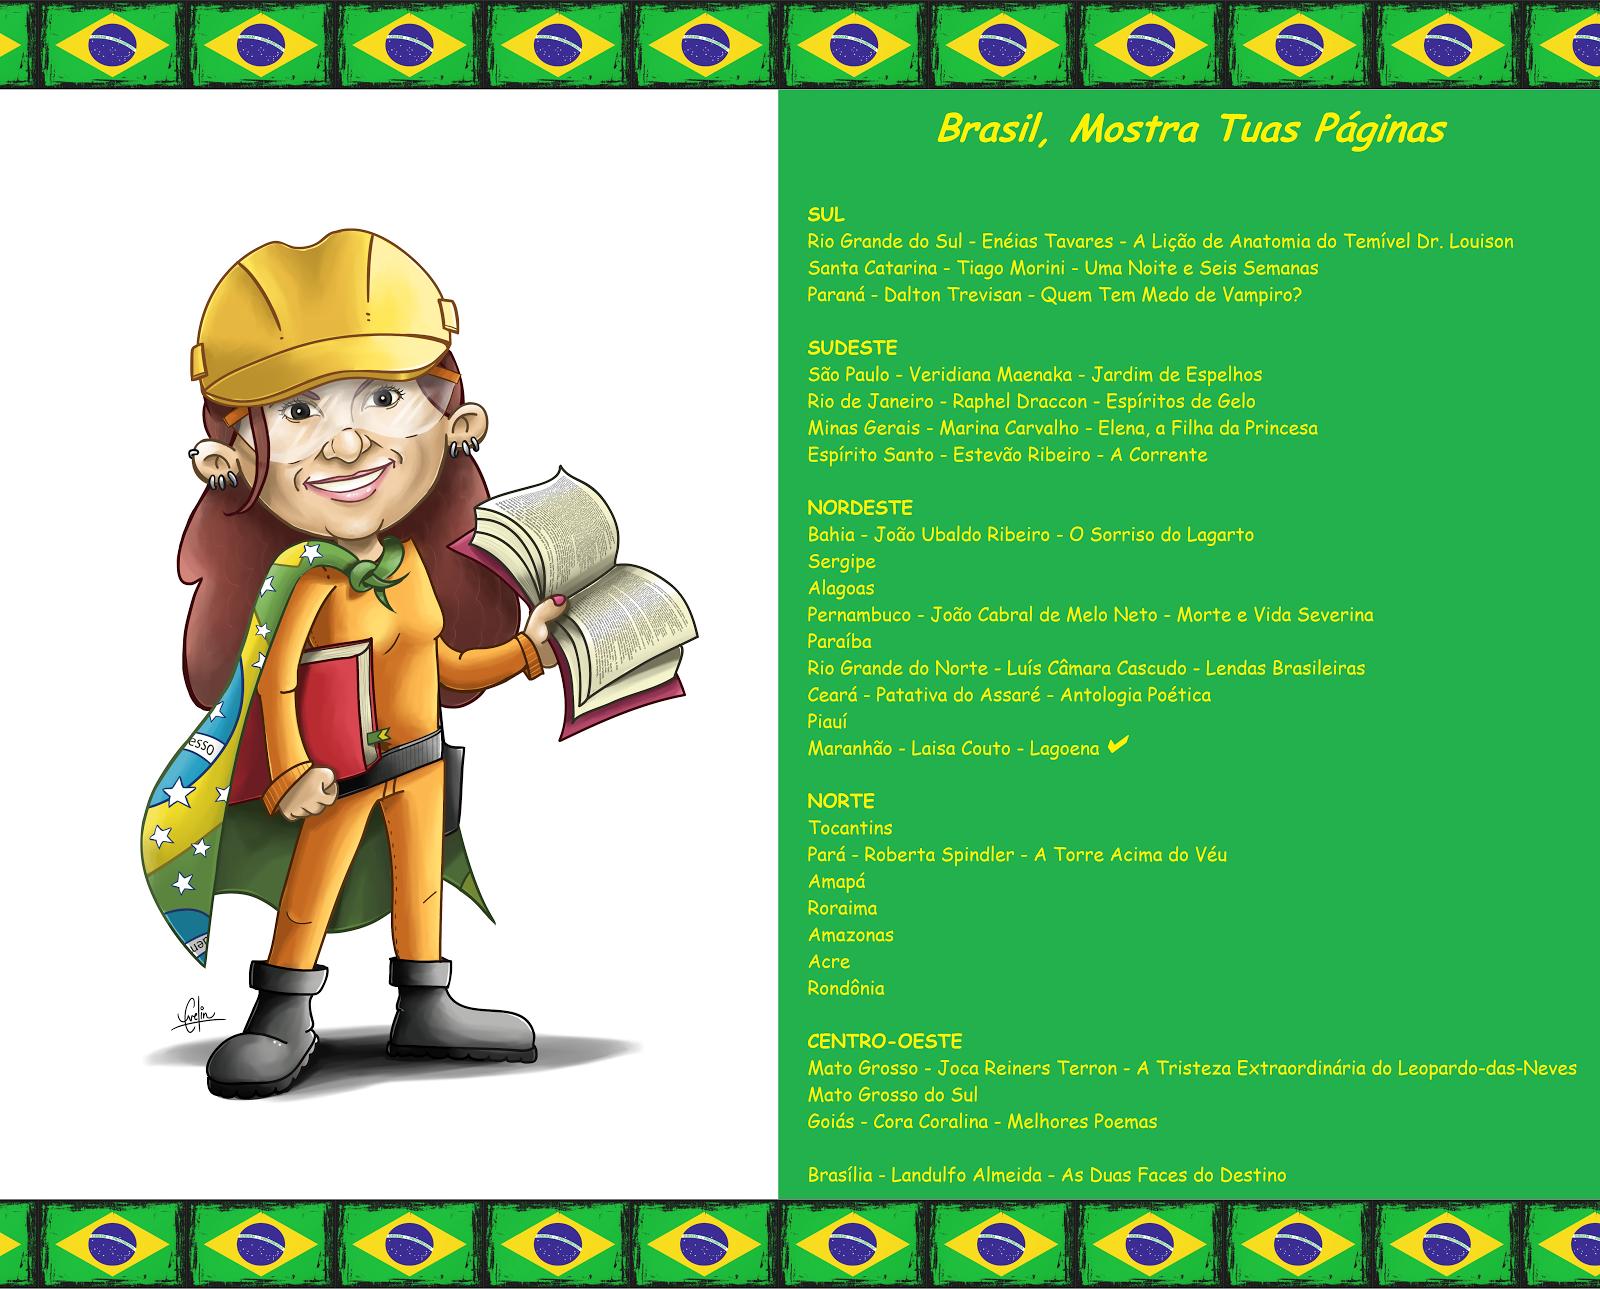 Brasil, Mostra Tuas Páginas